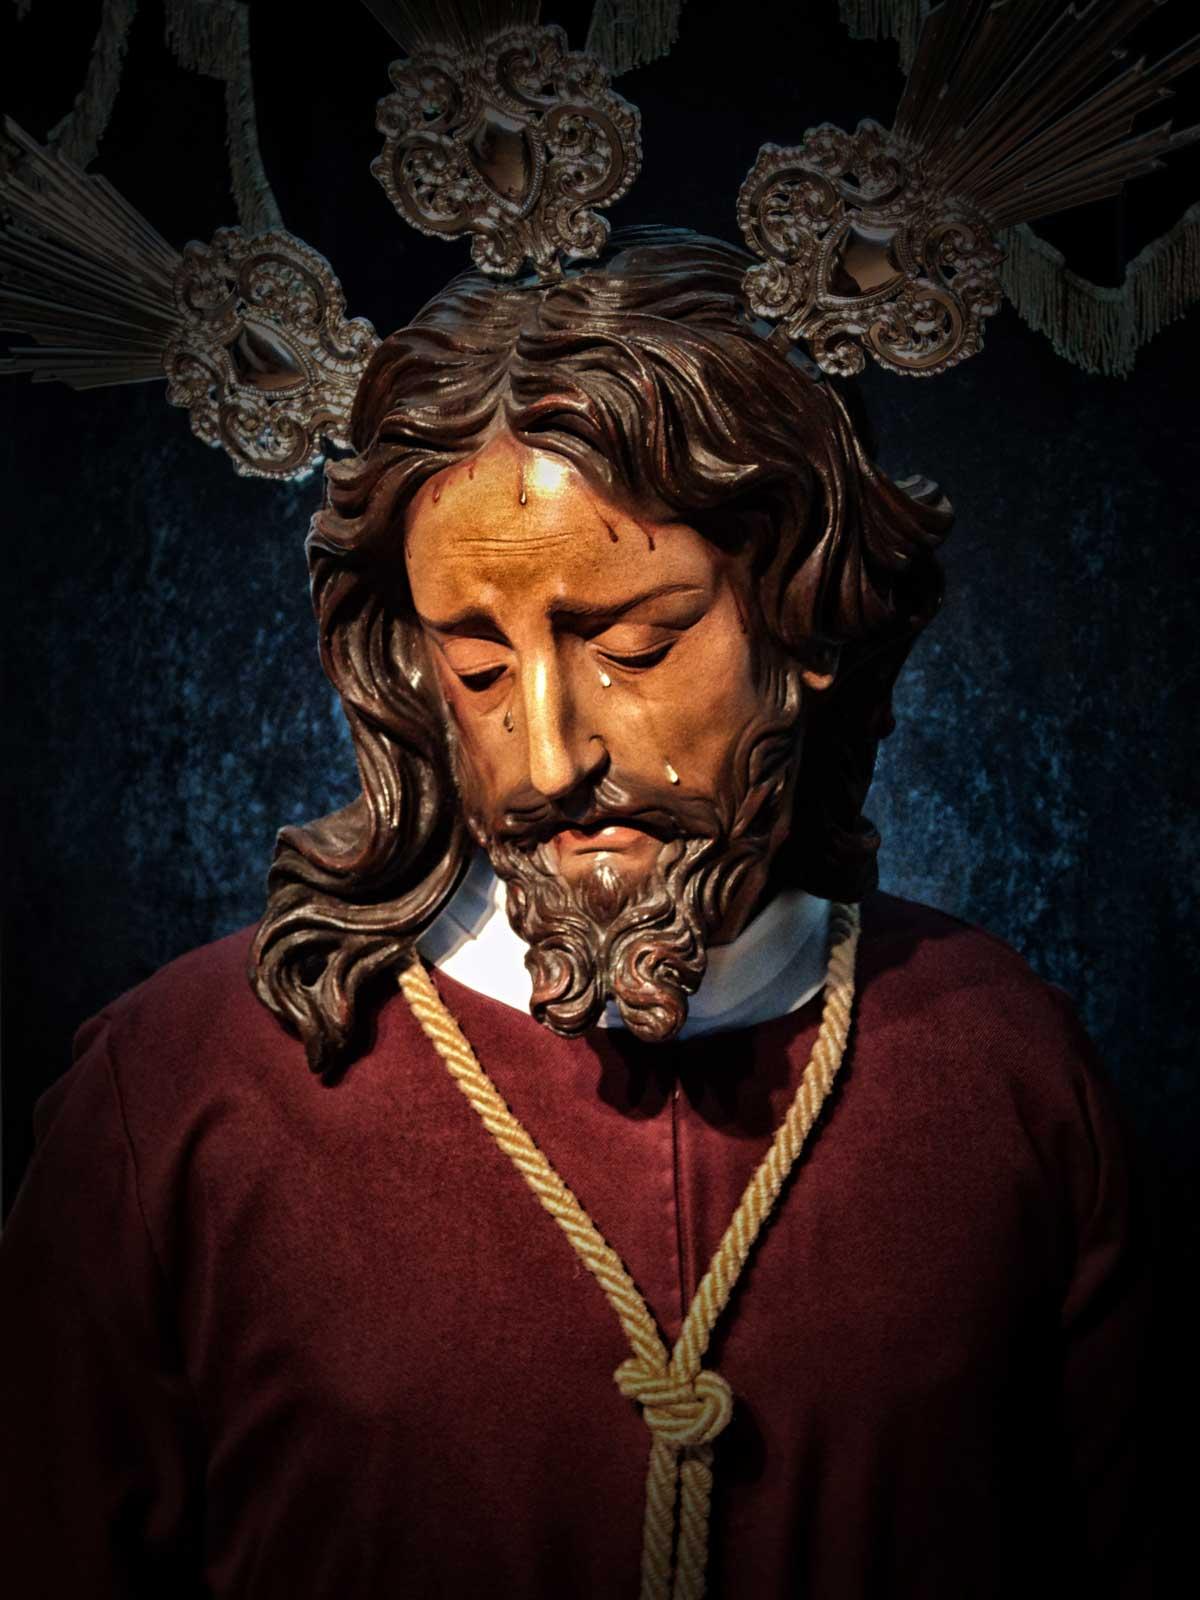 dulce-nombre-de-jesus-en-su-prendimiento-de-malagon-ciudad-real-3